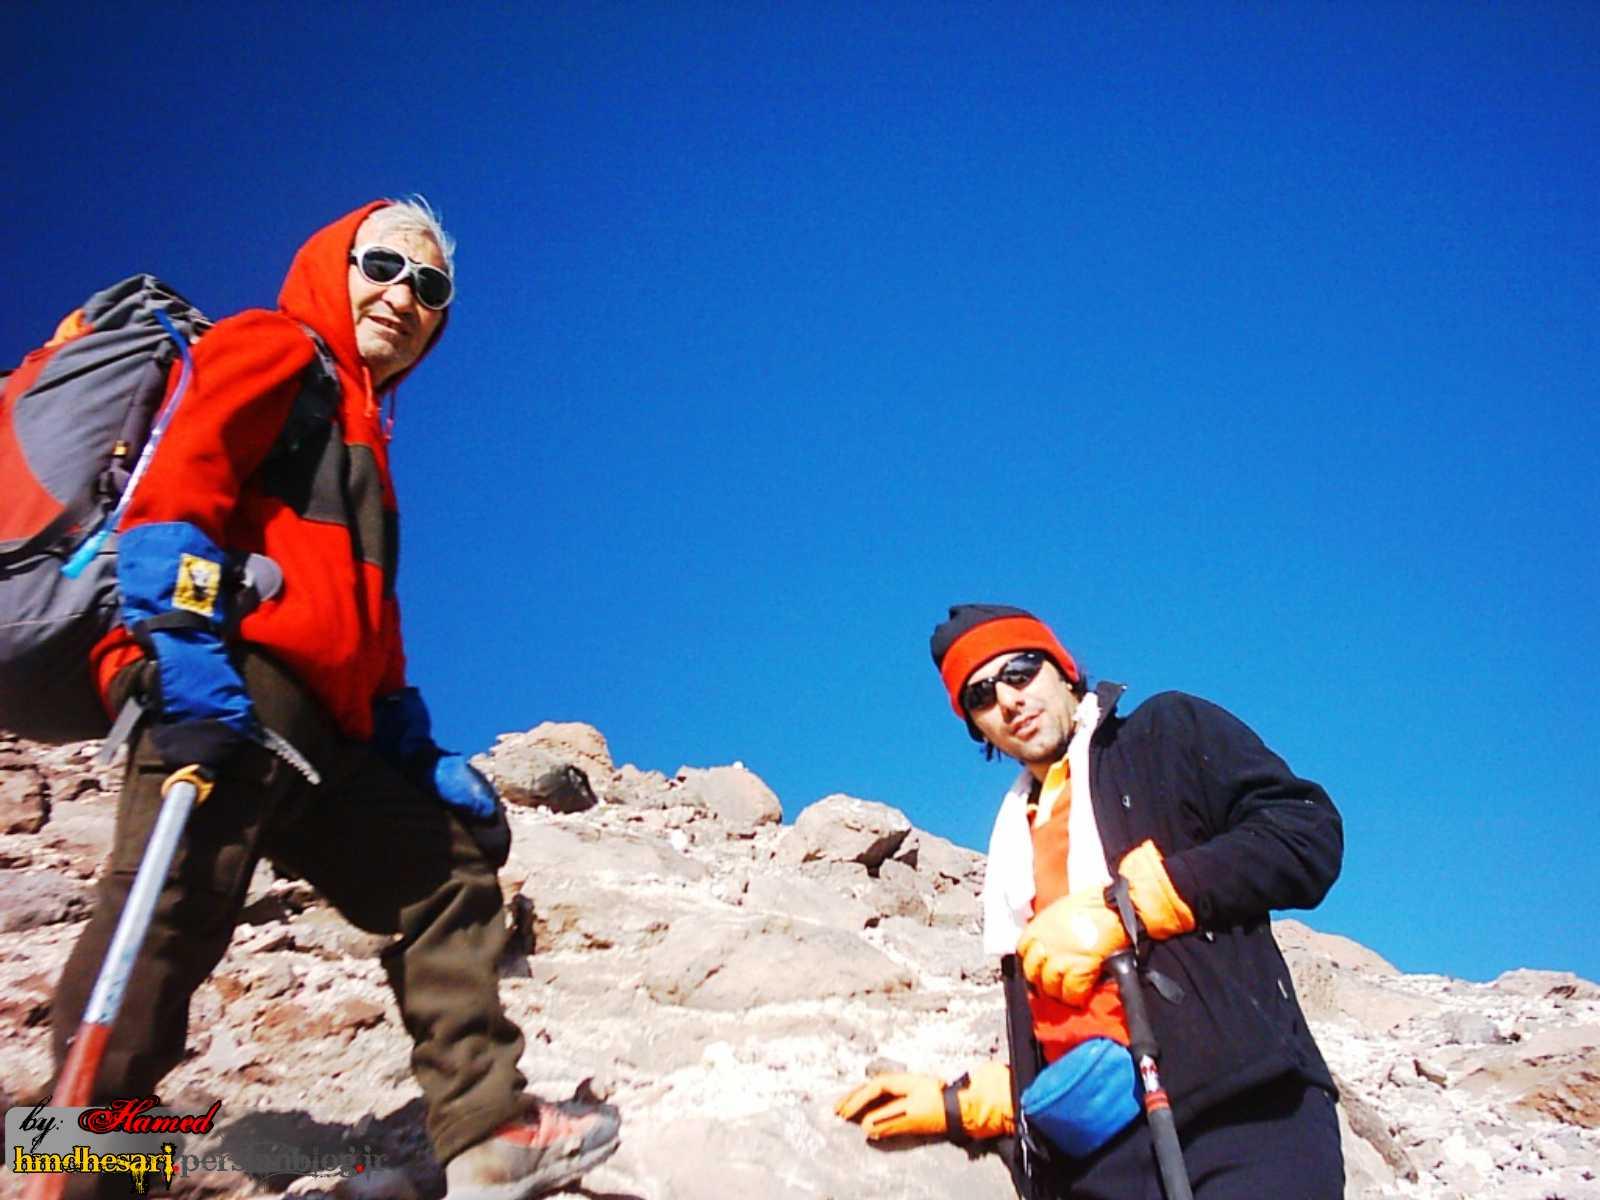 در انتظار و به امید رسیدن به قله